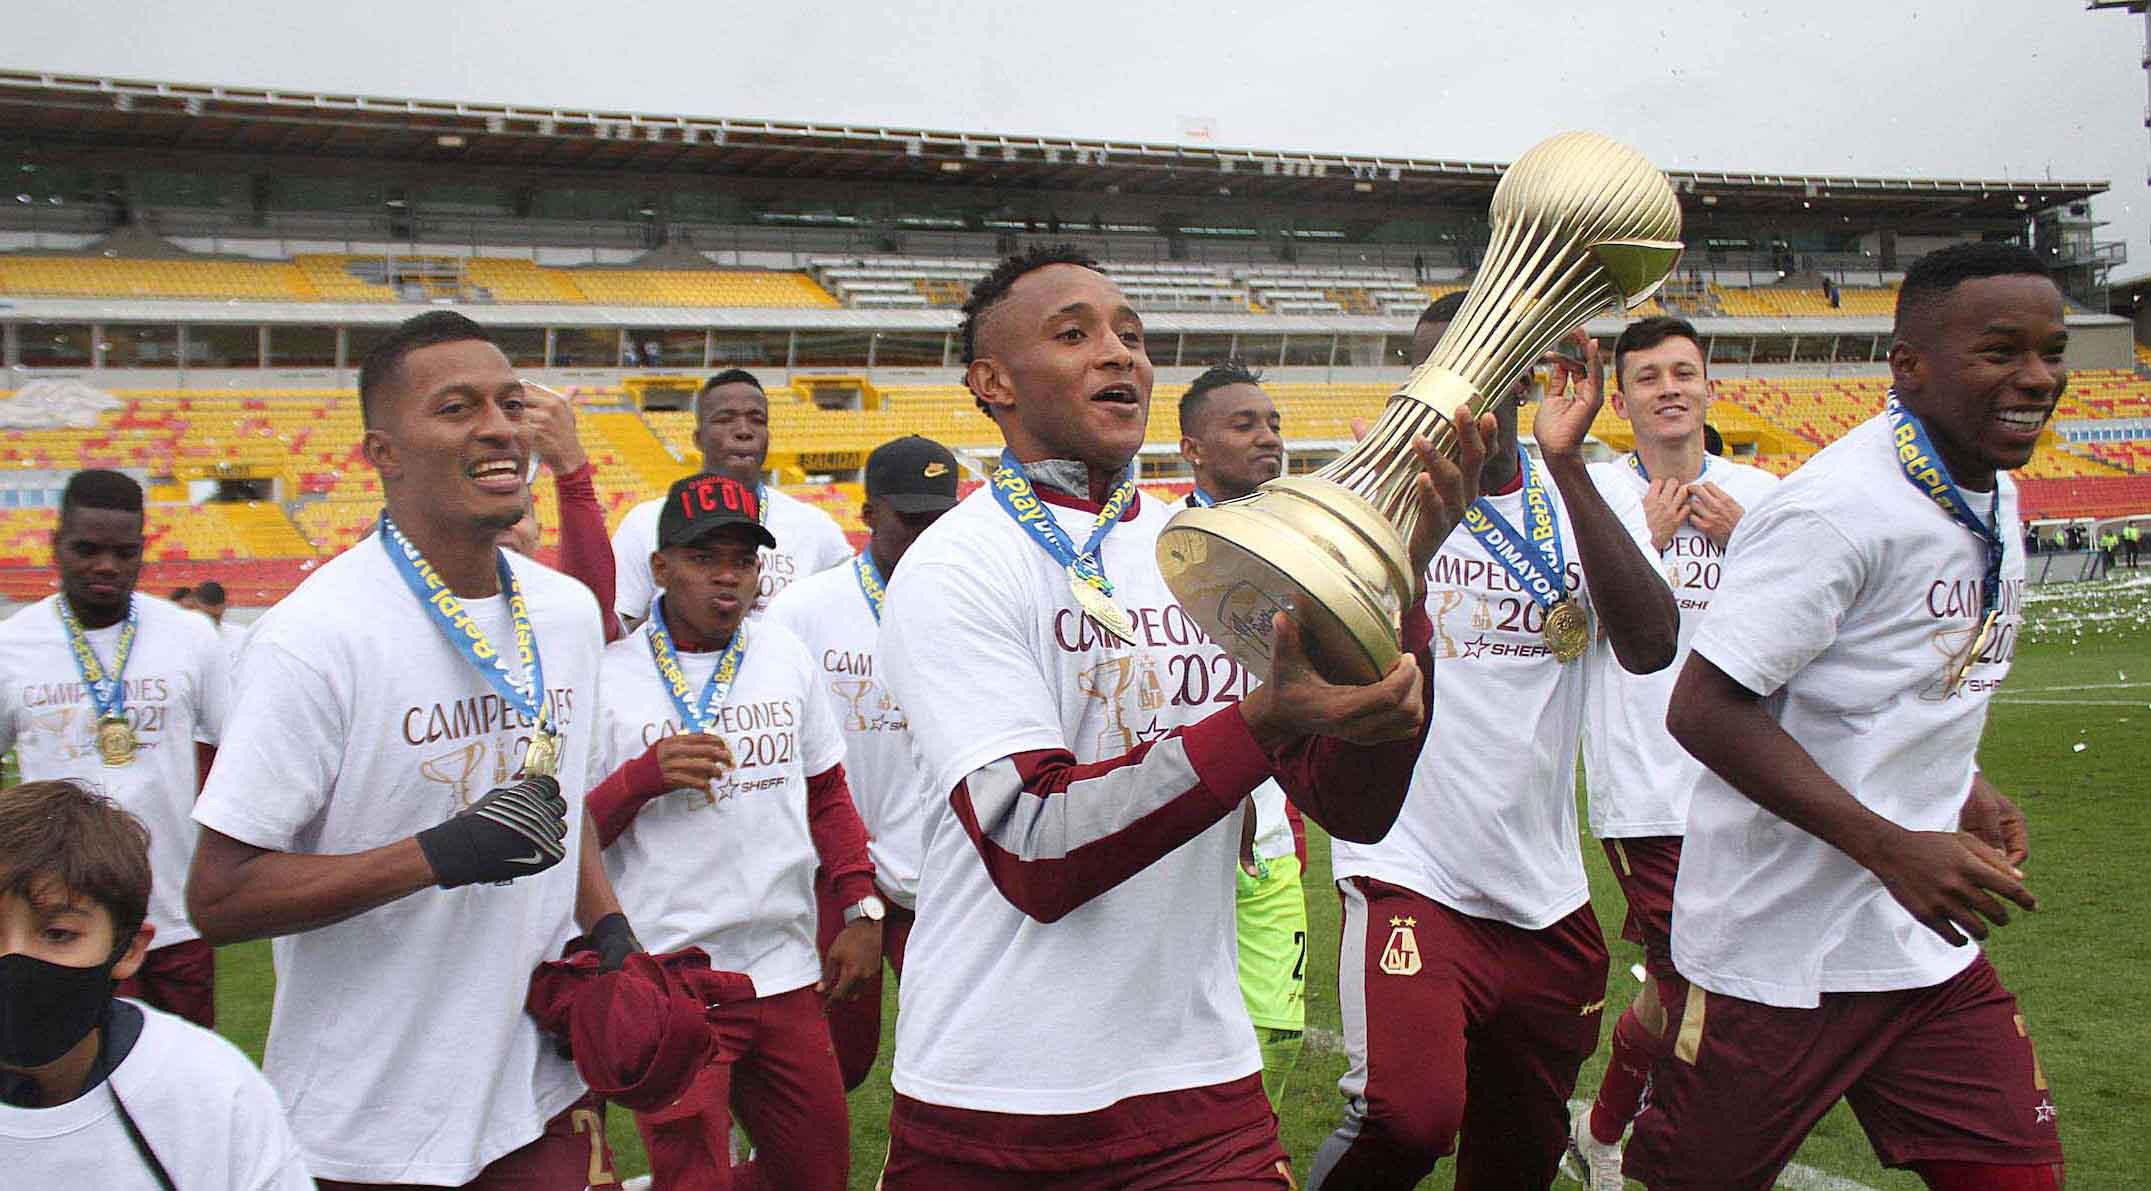 Fotos: Así levantó Deportes Tolima el ansiado trofeo en 'El Campín'